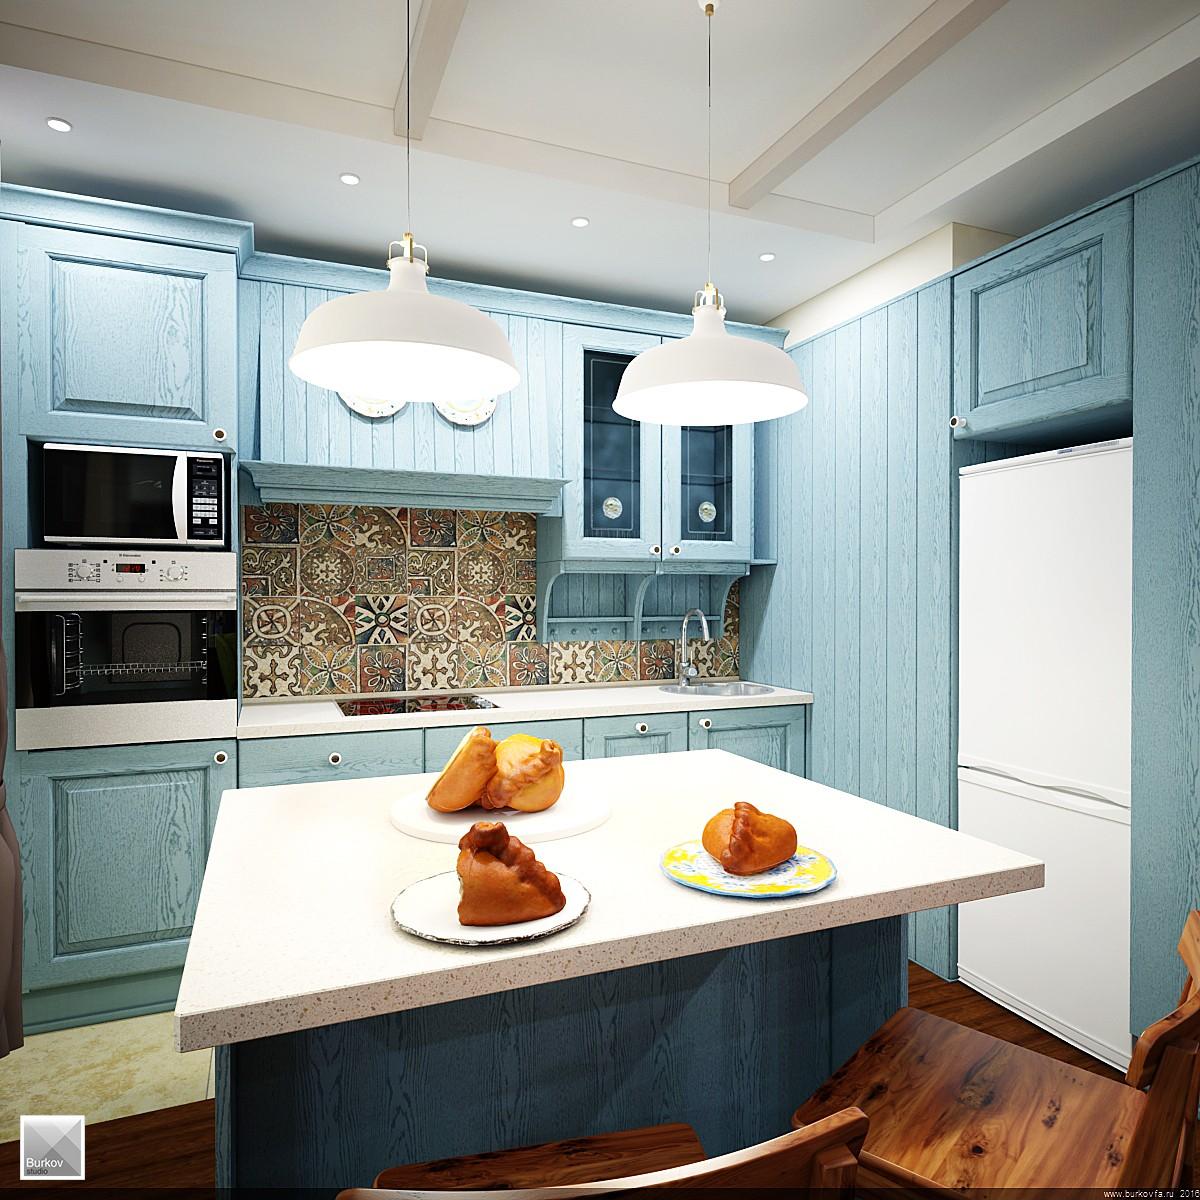 Остров кухни совмещенный со столом в кантри стиле